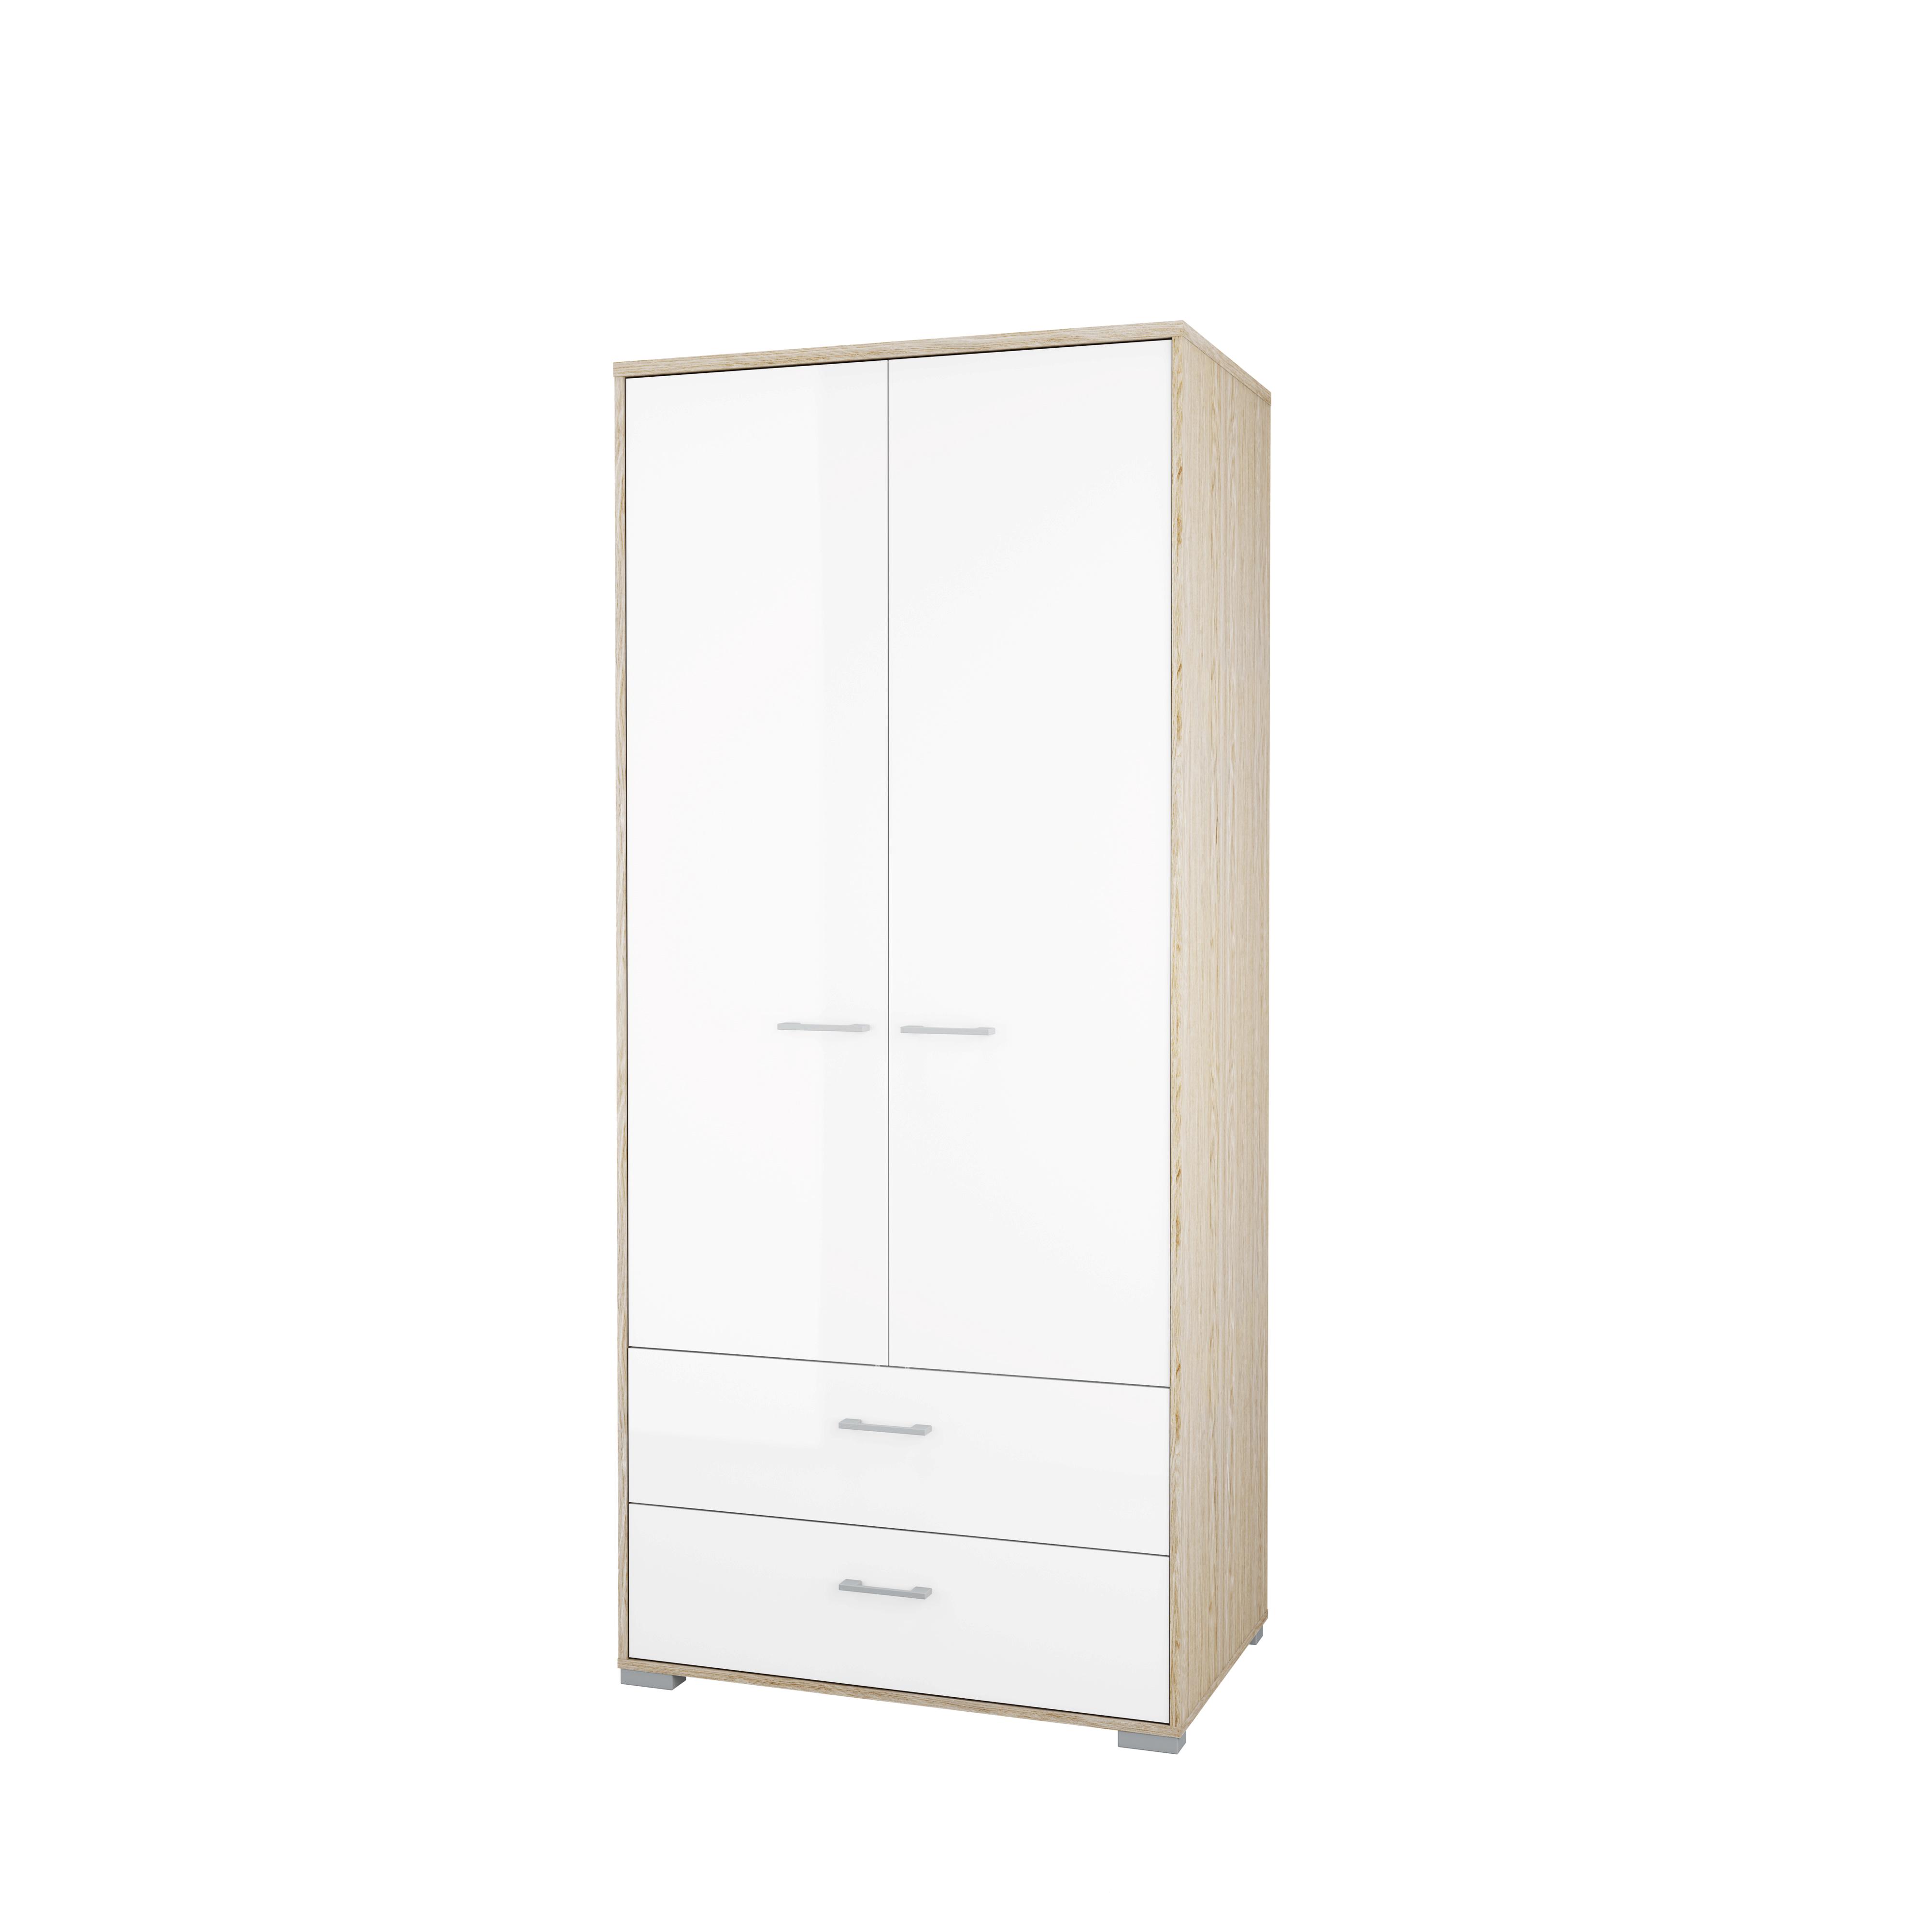 Image of   Homeline garderobeskab - hvid/natur træ, m. 2 låger og 2 skuffer